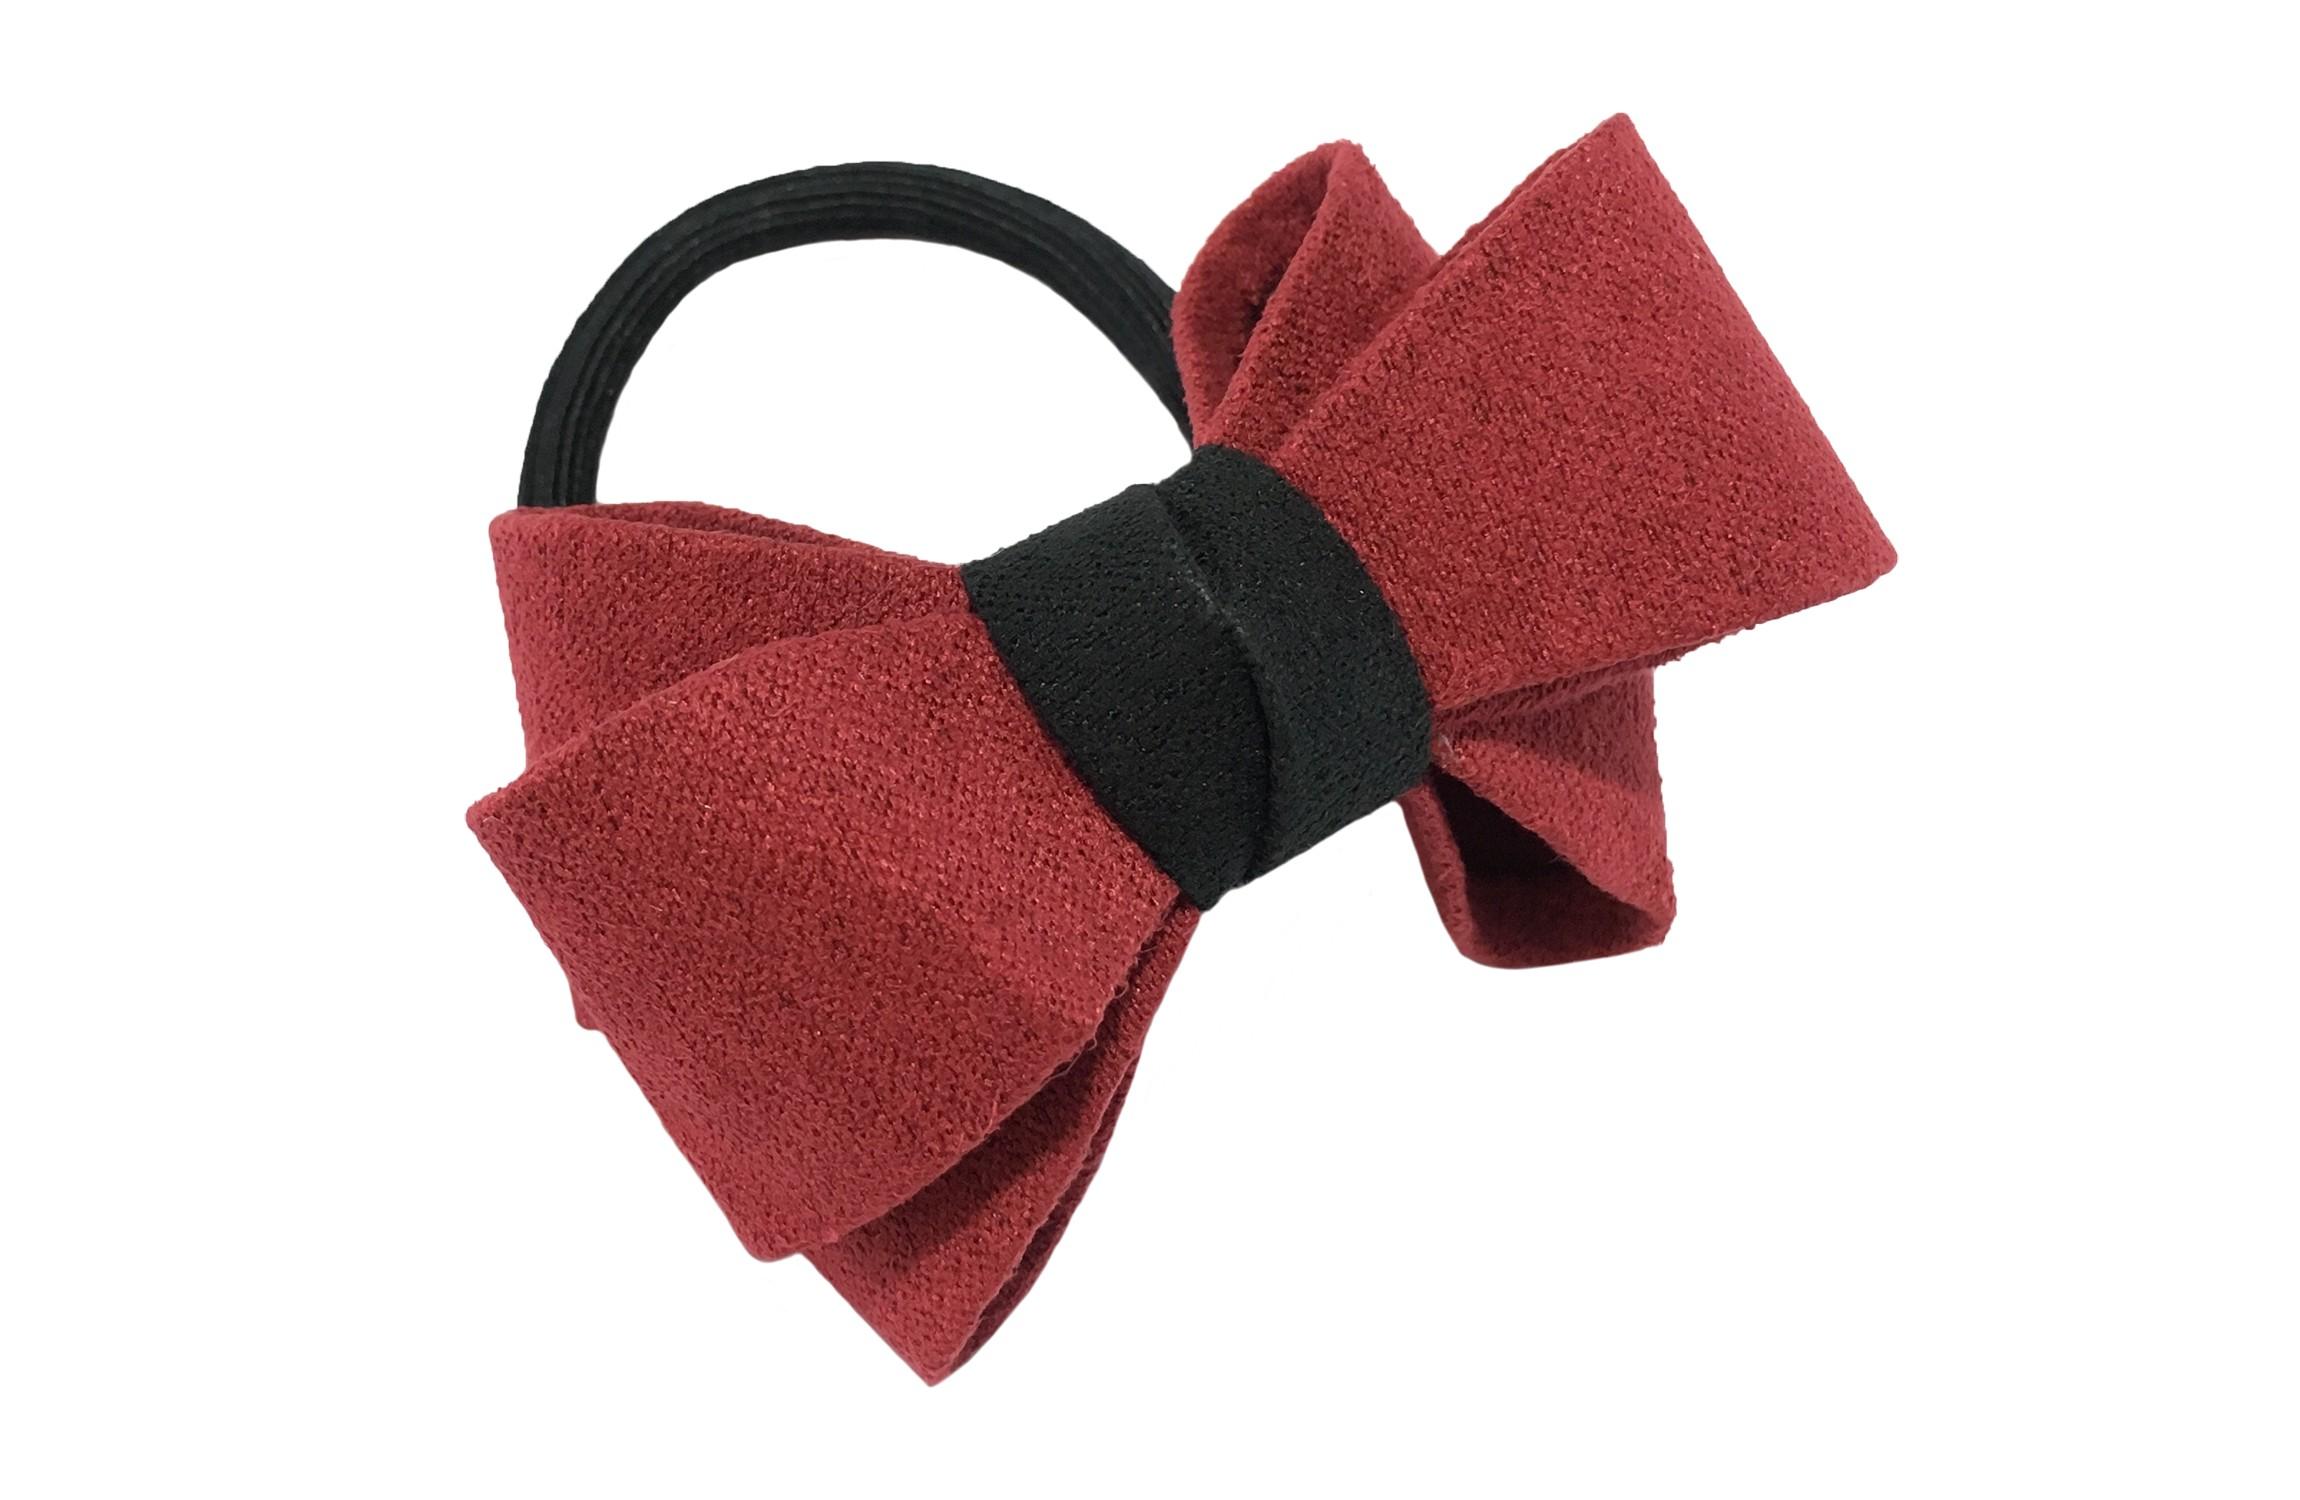 Mooie luxe (bordeaux) rode haar elastiek met zwart accent. Dubbel gestrikt van verstevigde stof. Leuk voor de iets grotere meisjes.